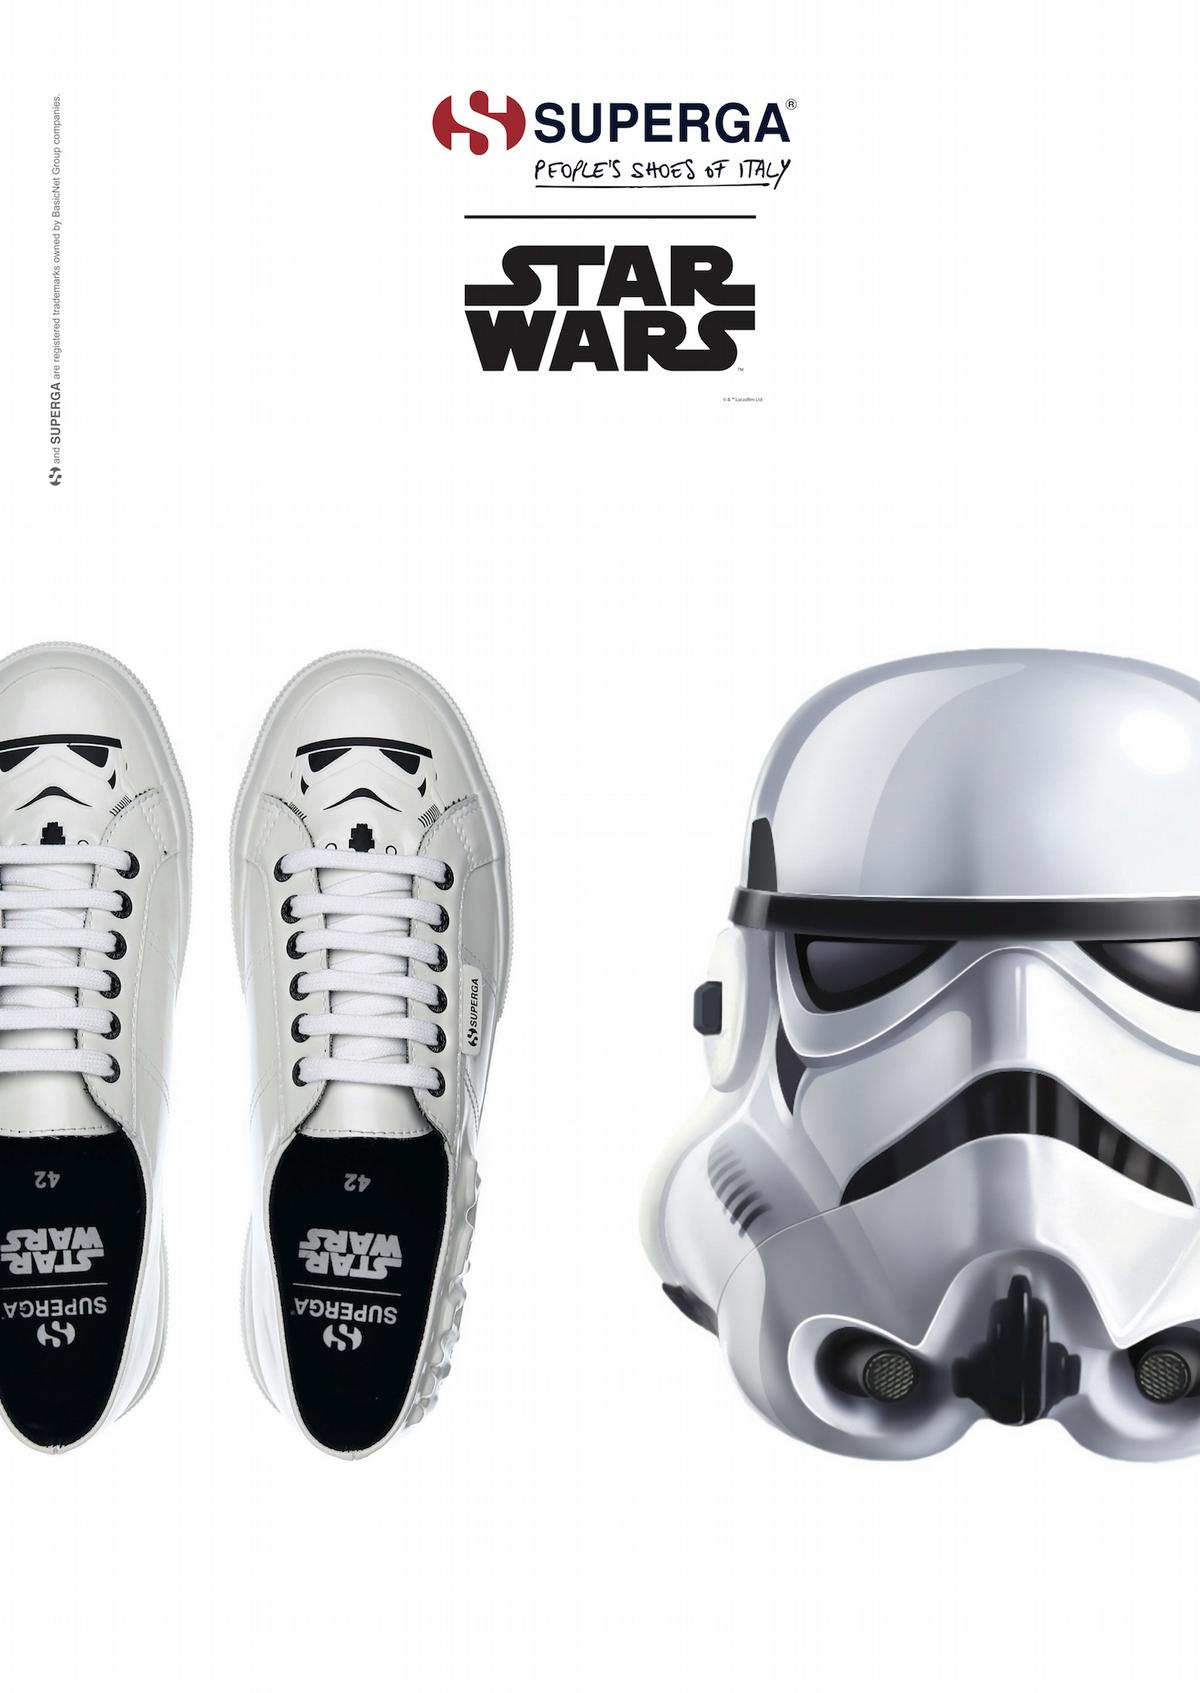 做個時髦的星戰迷!義大利國民鞋Superga推出STAR WARS星際最強鞋款